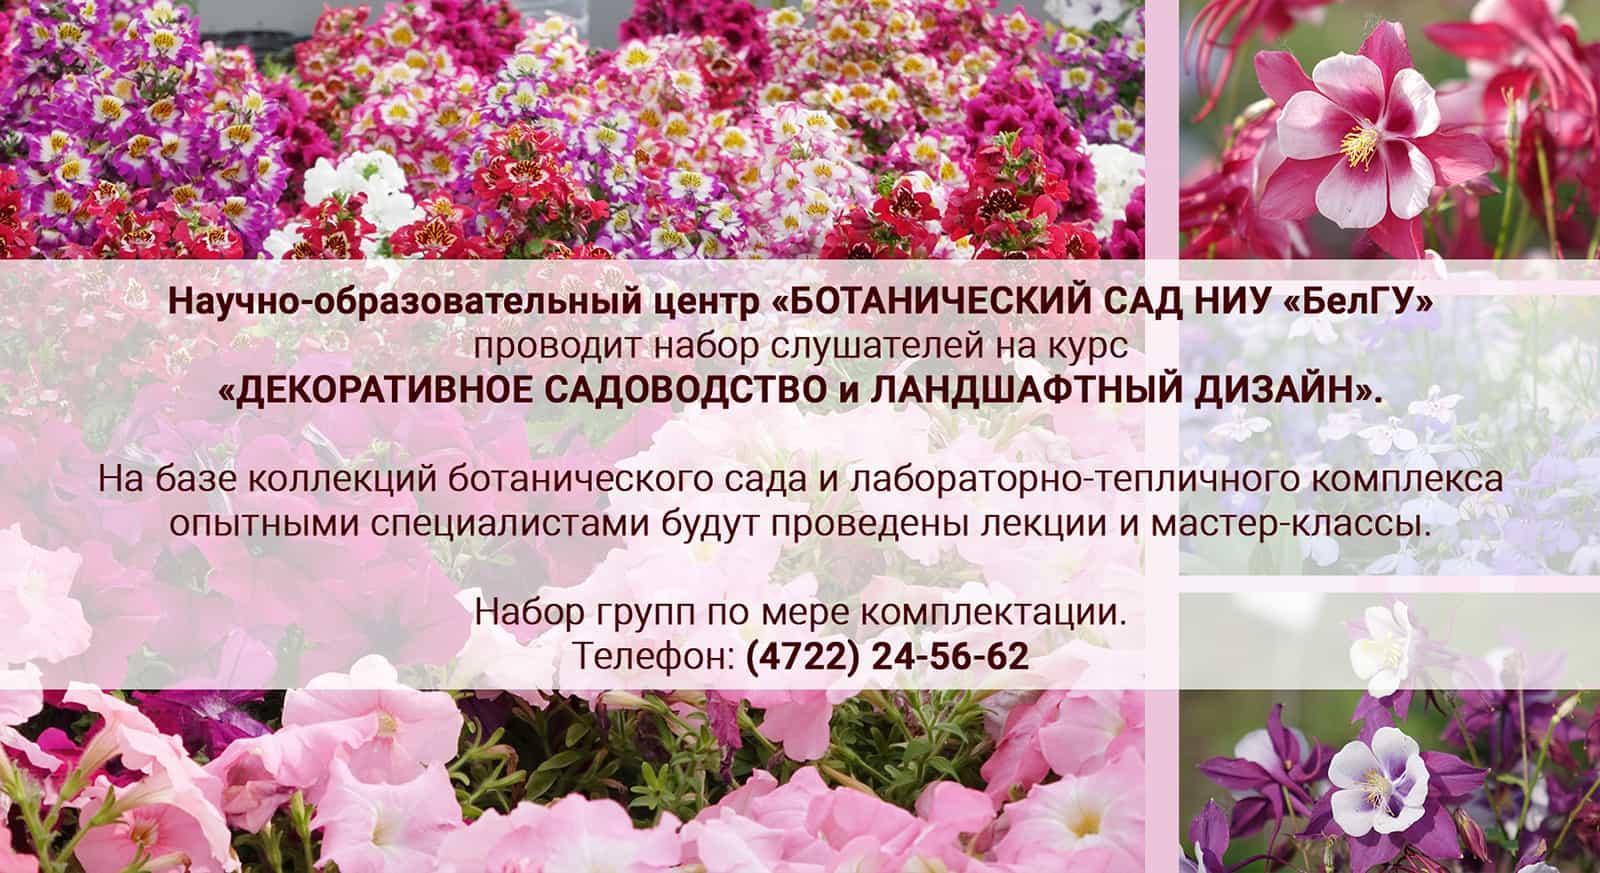 НОЦ «Ботанический сад НИУ «БелГУ» приглашает всех желающих посетить курсы «Декоративное садоводство и ландшафтный дизайн»